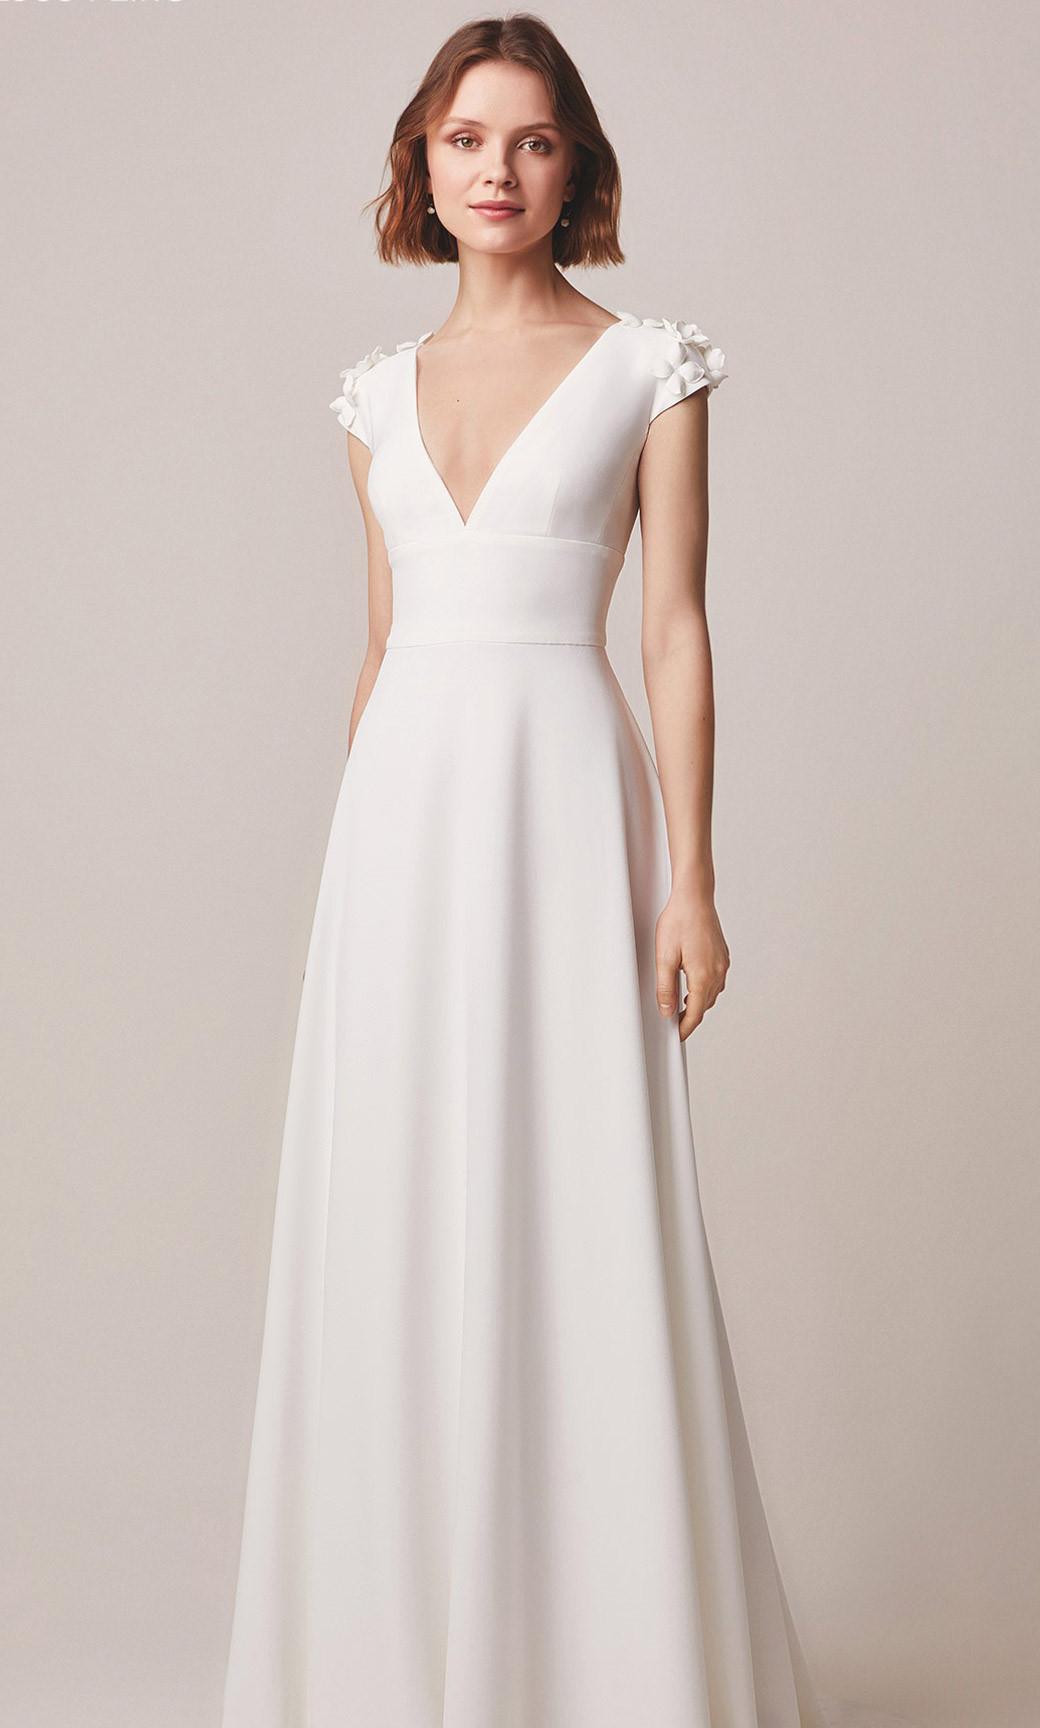 Brautkleider im Stil A-Linie